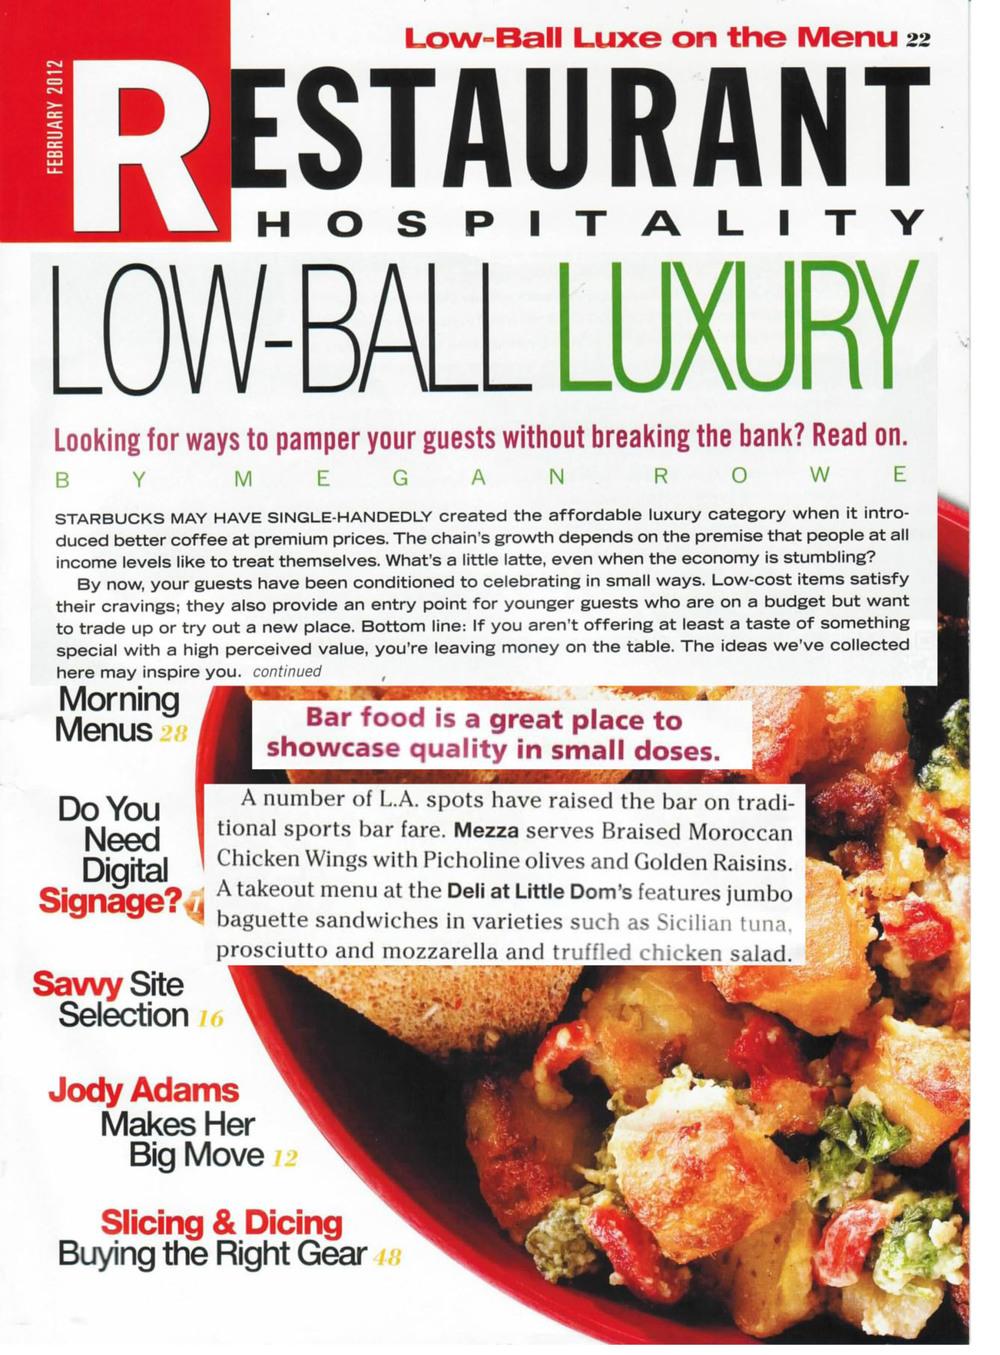 Restaurant Hospitality-2.jpg